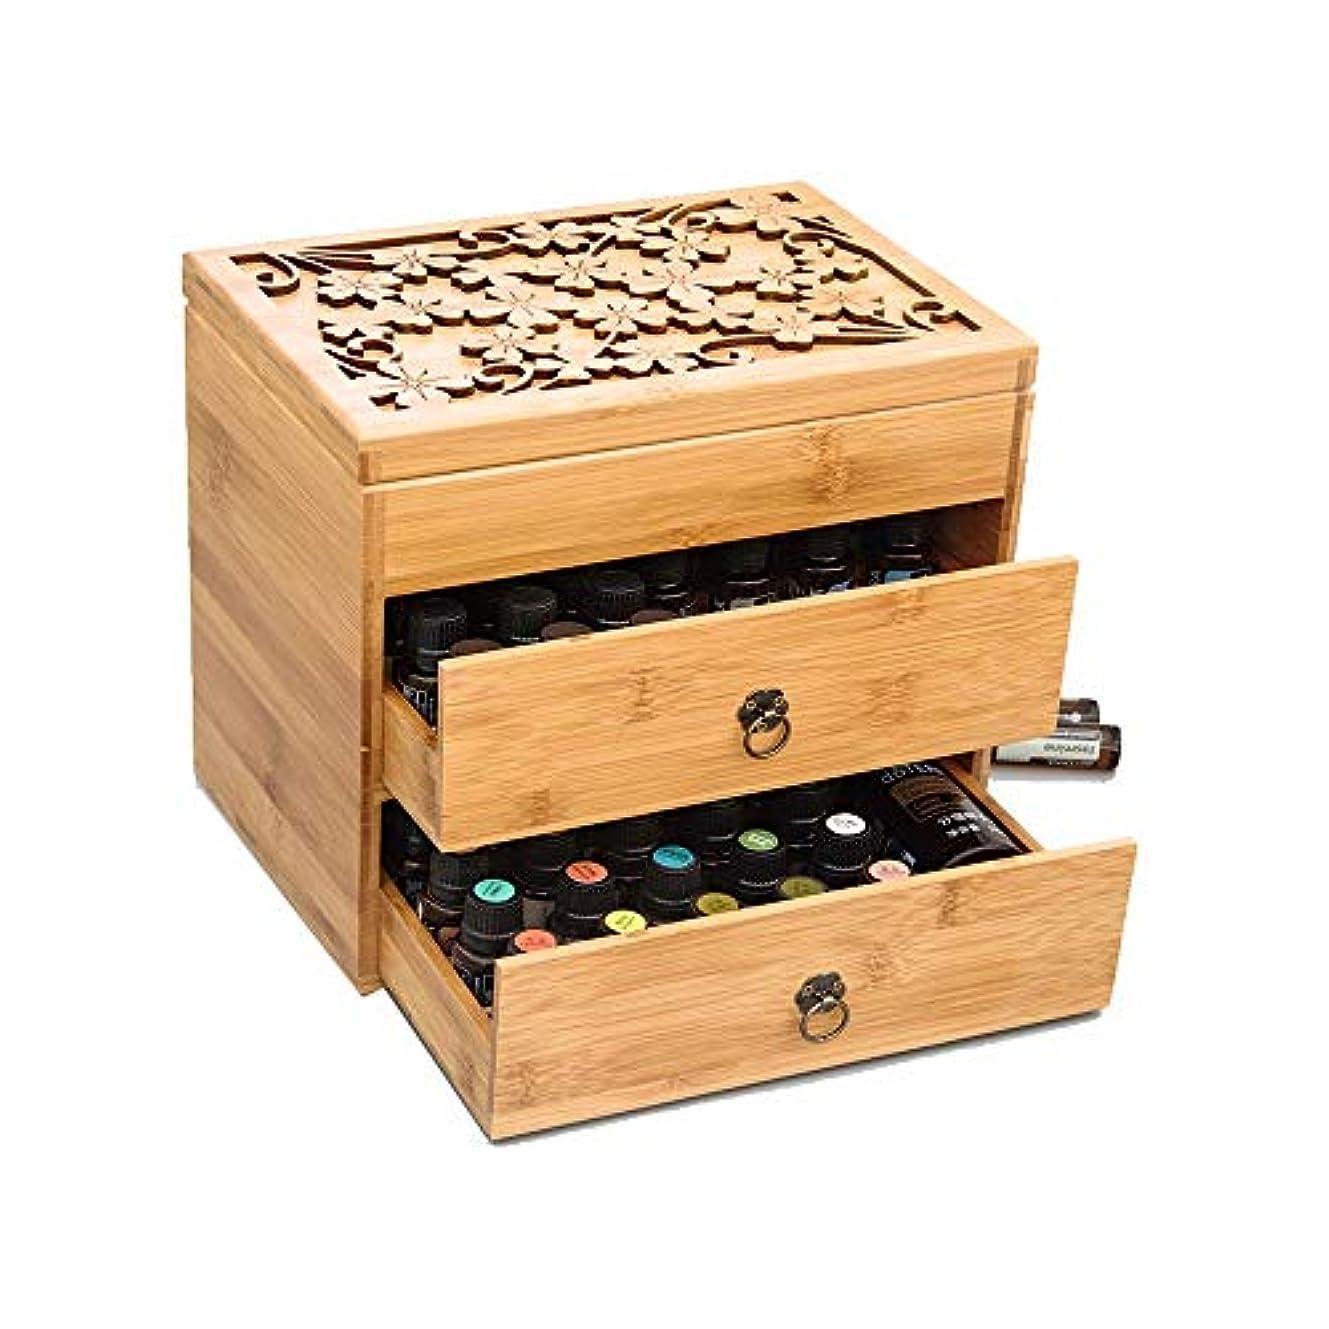 通路ローズもっともらしいエッセンシャルオイルストレージボックス 3ティアエッセンシャルオイルボックスケースは、エレガントな装飾的なデザインでは5、10&15ミリリットルボトル木製収納を保護します 旅行およびプレゼンテーション用 (色 : Natural...